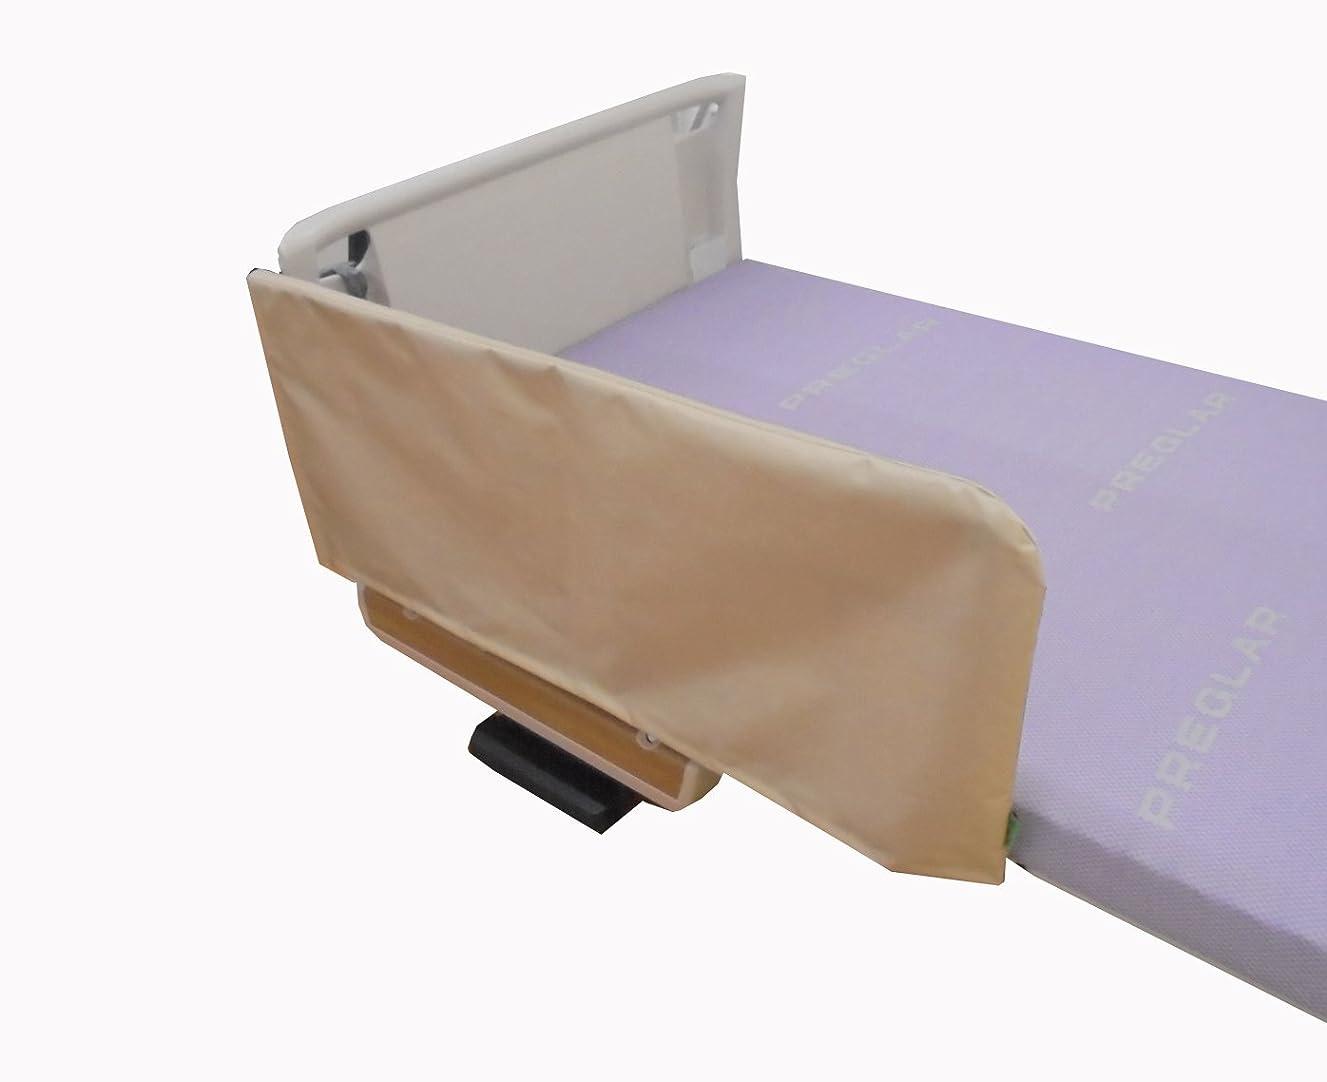 胚芽遺伝的歴史的【Tetote】あんしんベッド柵カバー【クッション入り衝撃吸収タイプ】 介護用ベッドのサイドレール用